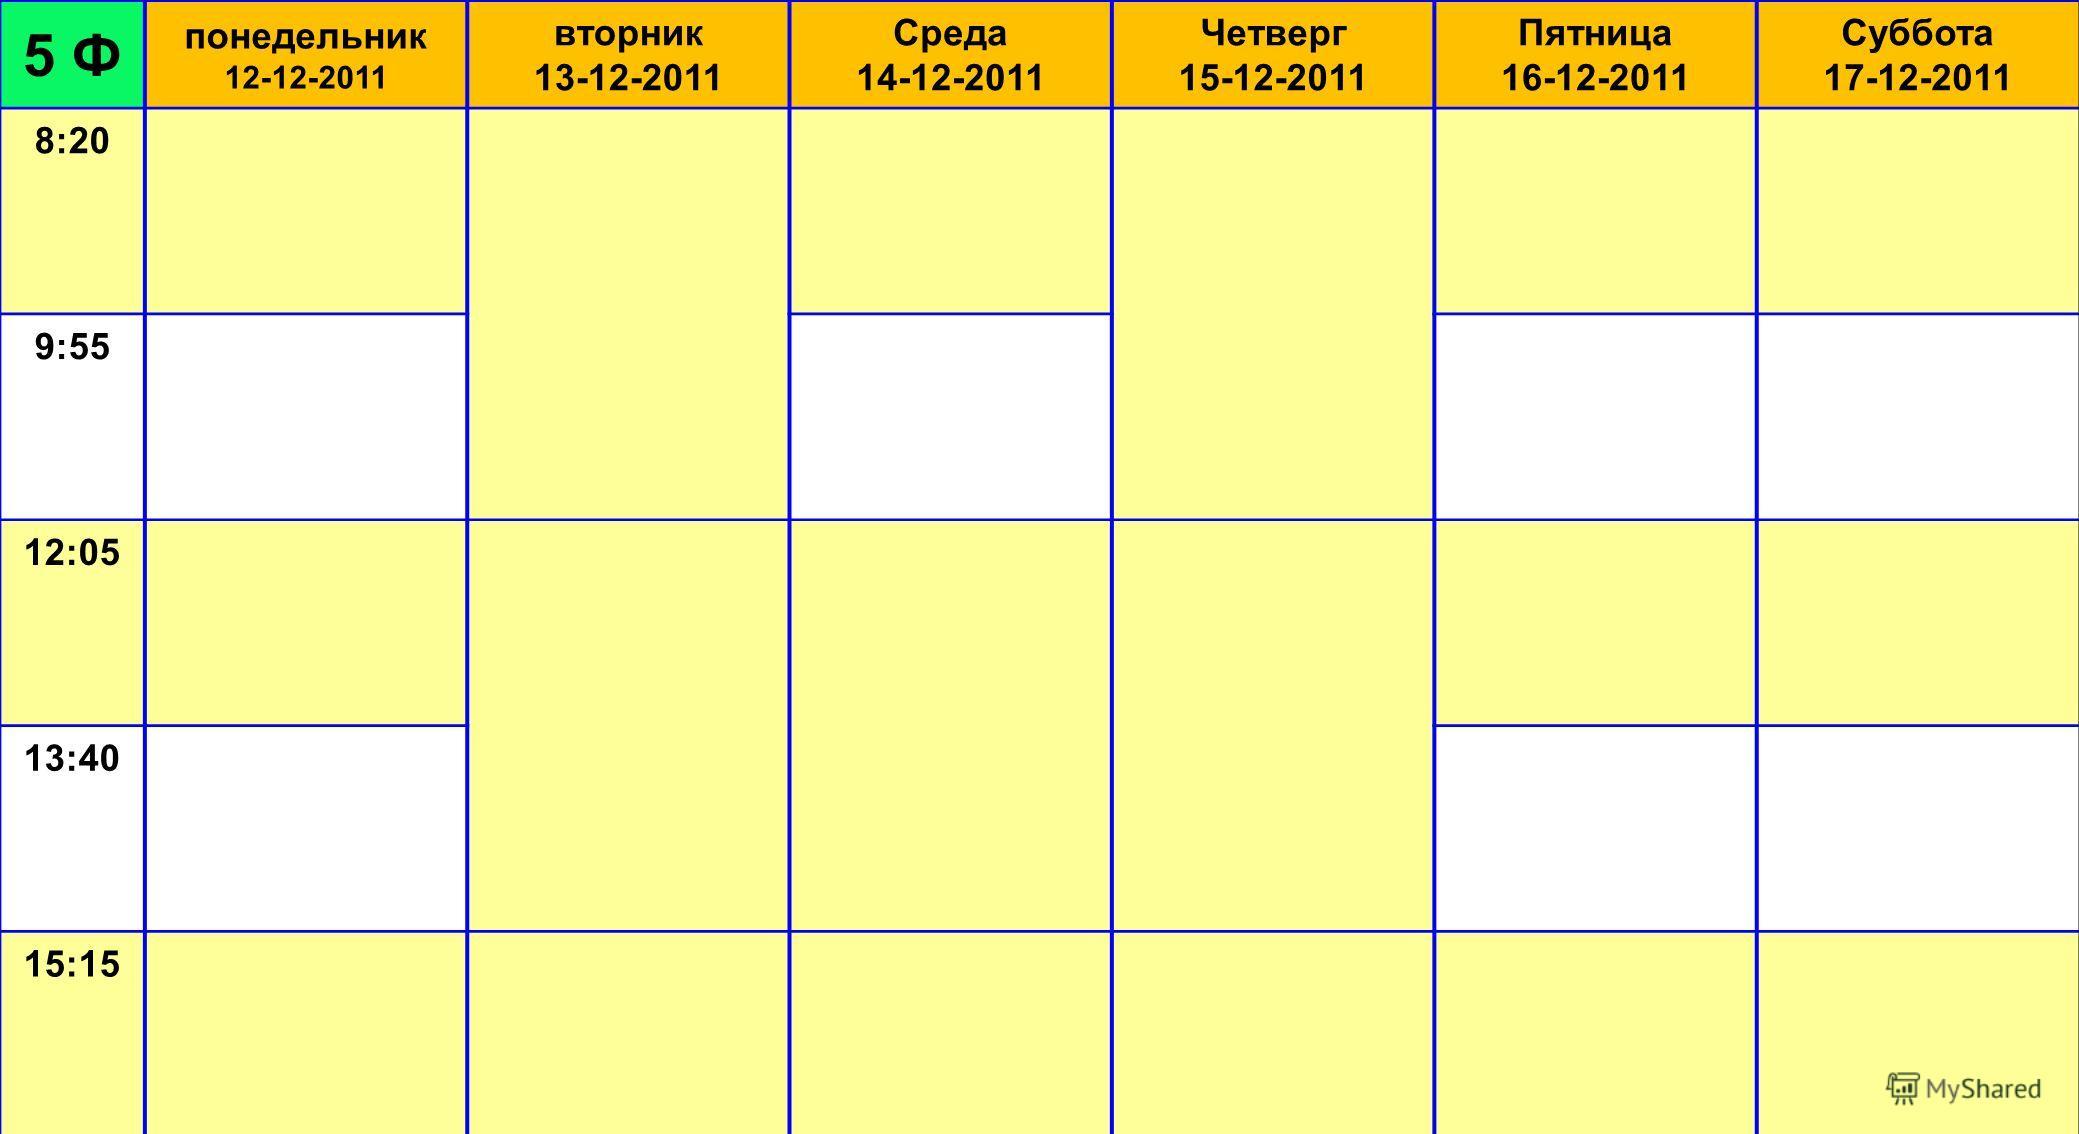 5 Ф понедельник 12-12-2011 вторник 13-12-2011 Среда 14-12-2011 Четверг 15-12-2011 Пятница 16-12-2011 Суббота 17-12-2011 8:20 9:55 12:05 13:40 15:15 Зам. директора по учебной части: __________________ Е.П. Александрова